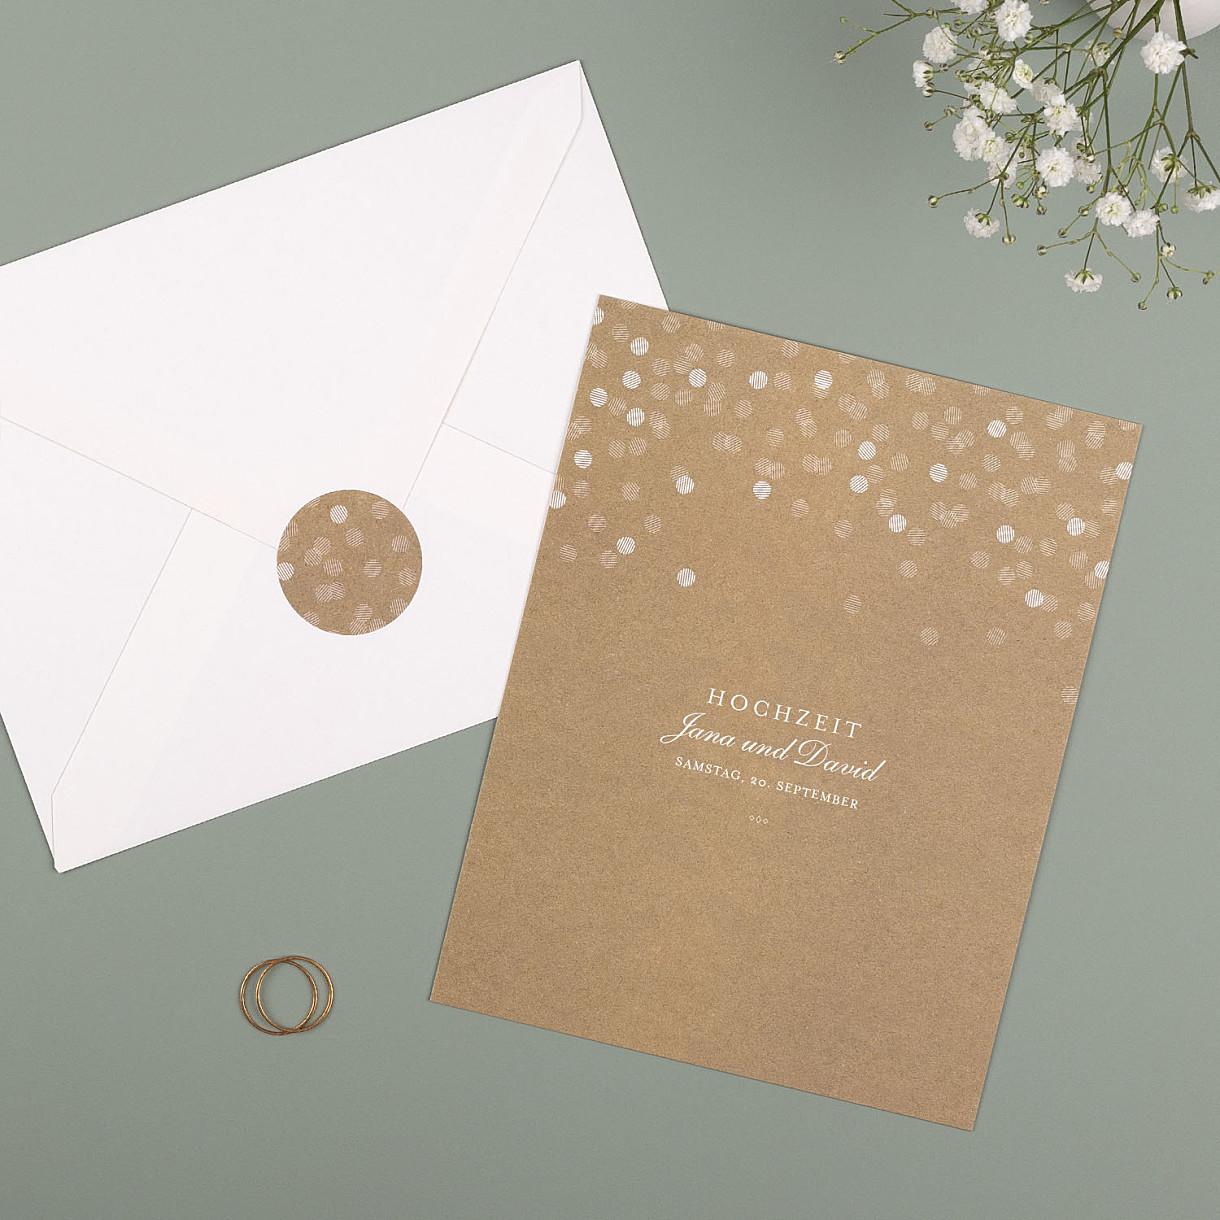 Hochzeitseinladungen lichterregen hoch